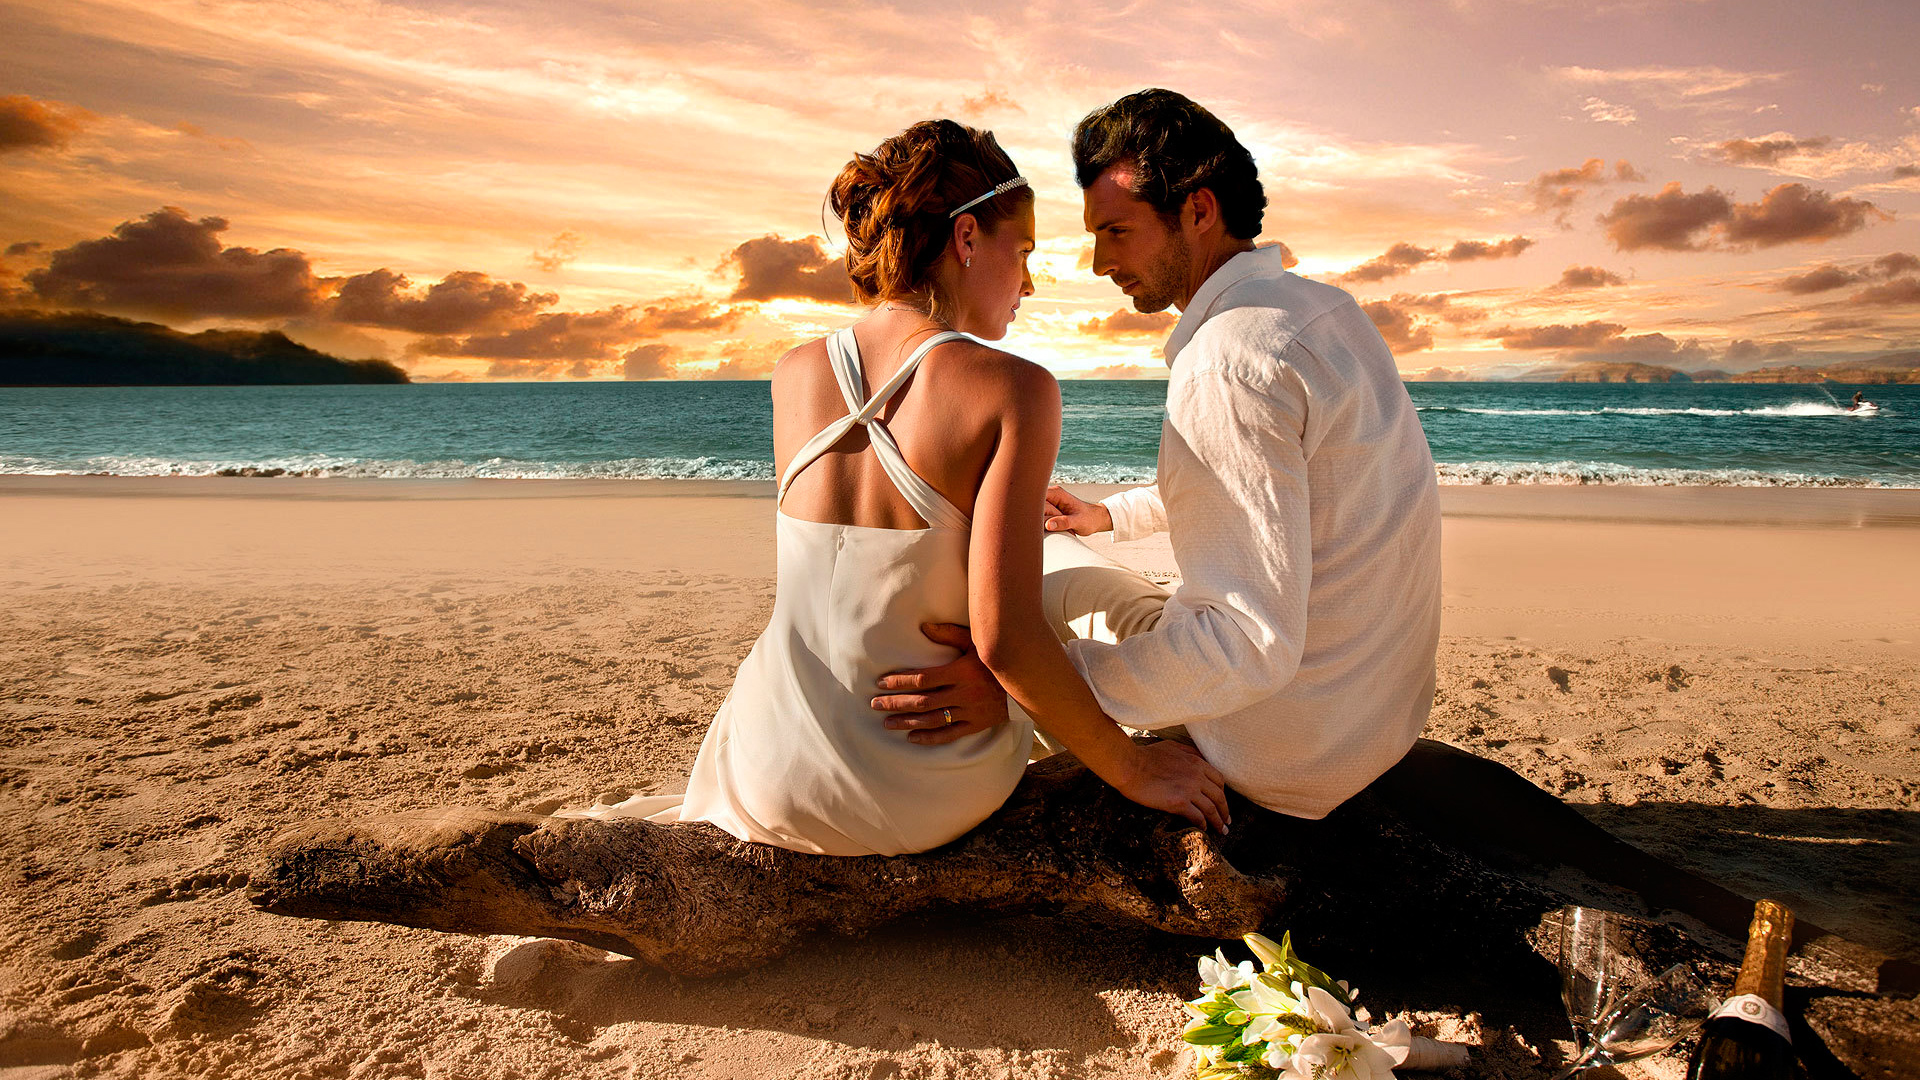 صورة صور جميلة للحب , اجمل الصور التي تعبر بيها عن حبك للحبيبك